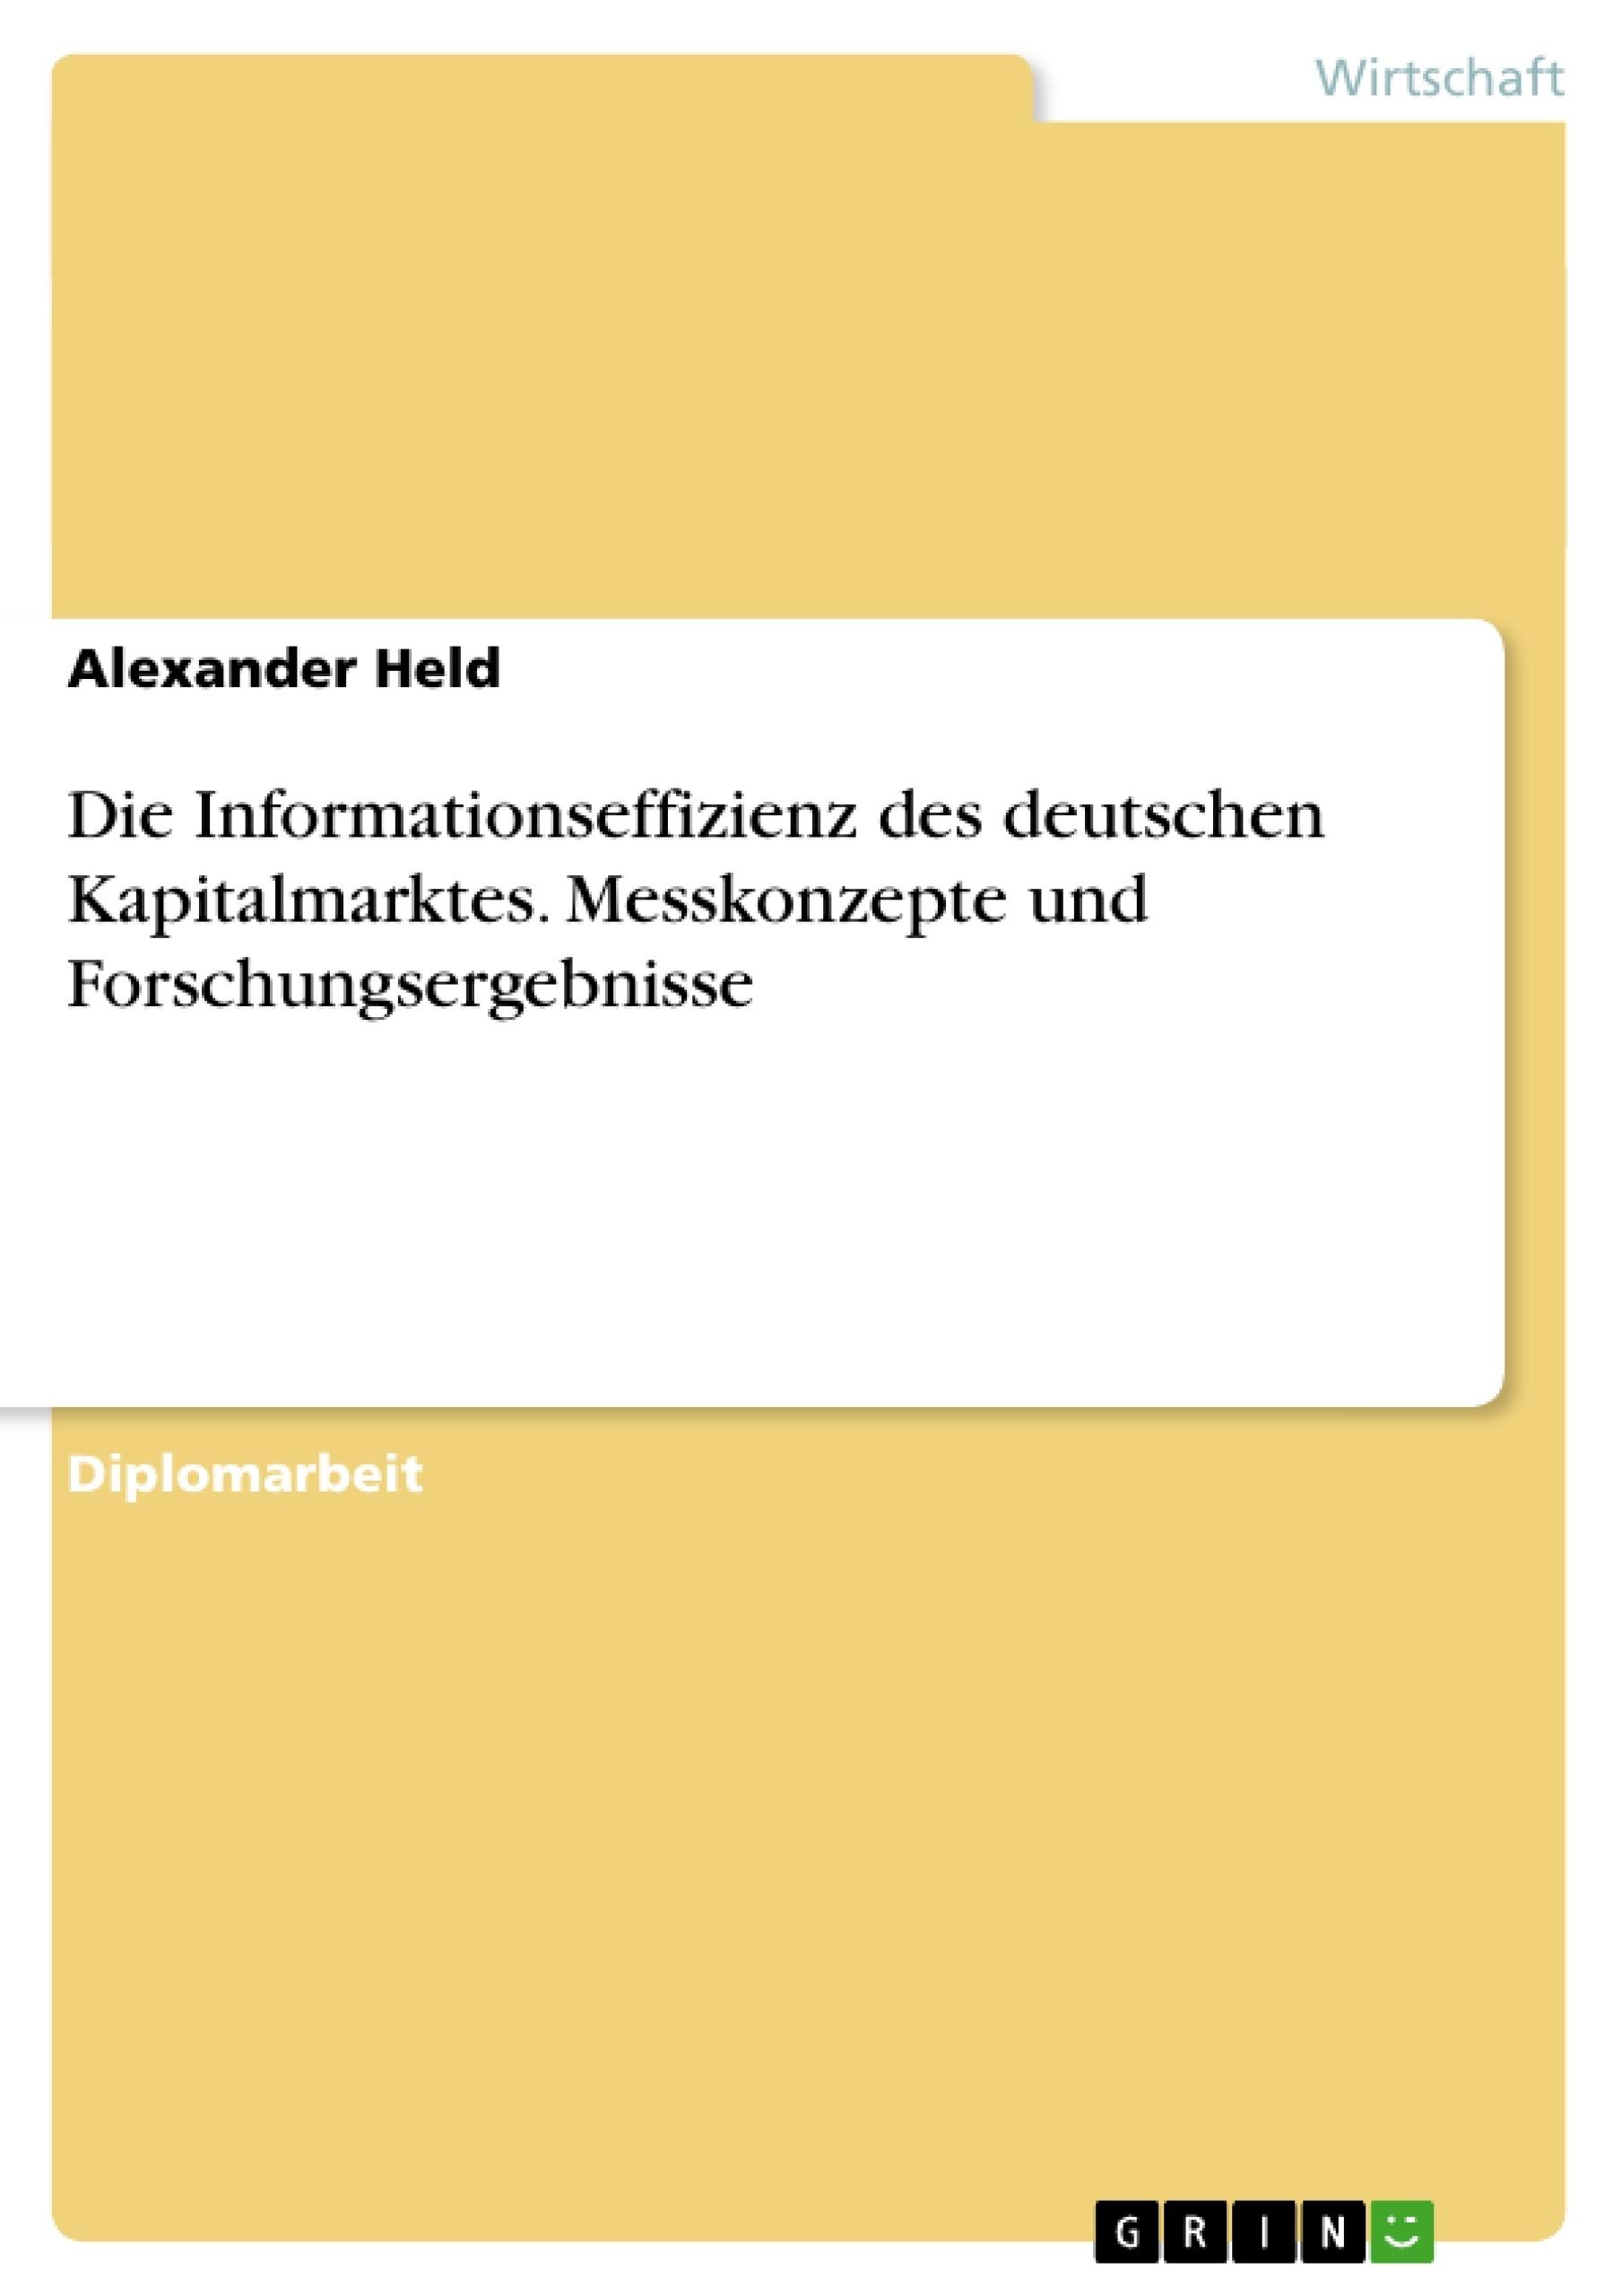 Titel: Die Informationseffizienz des deutschen Kapitalmarktes. Messkonzepte und Forschungsergebnisse